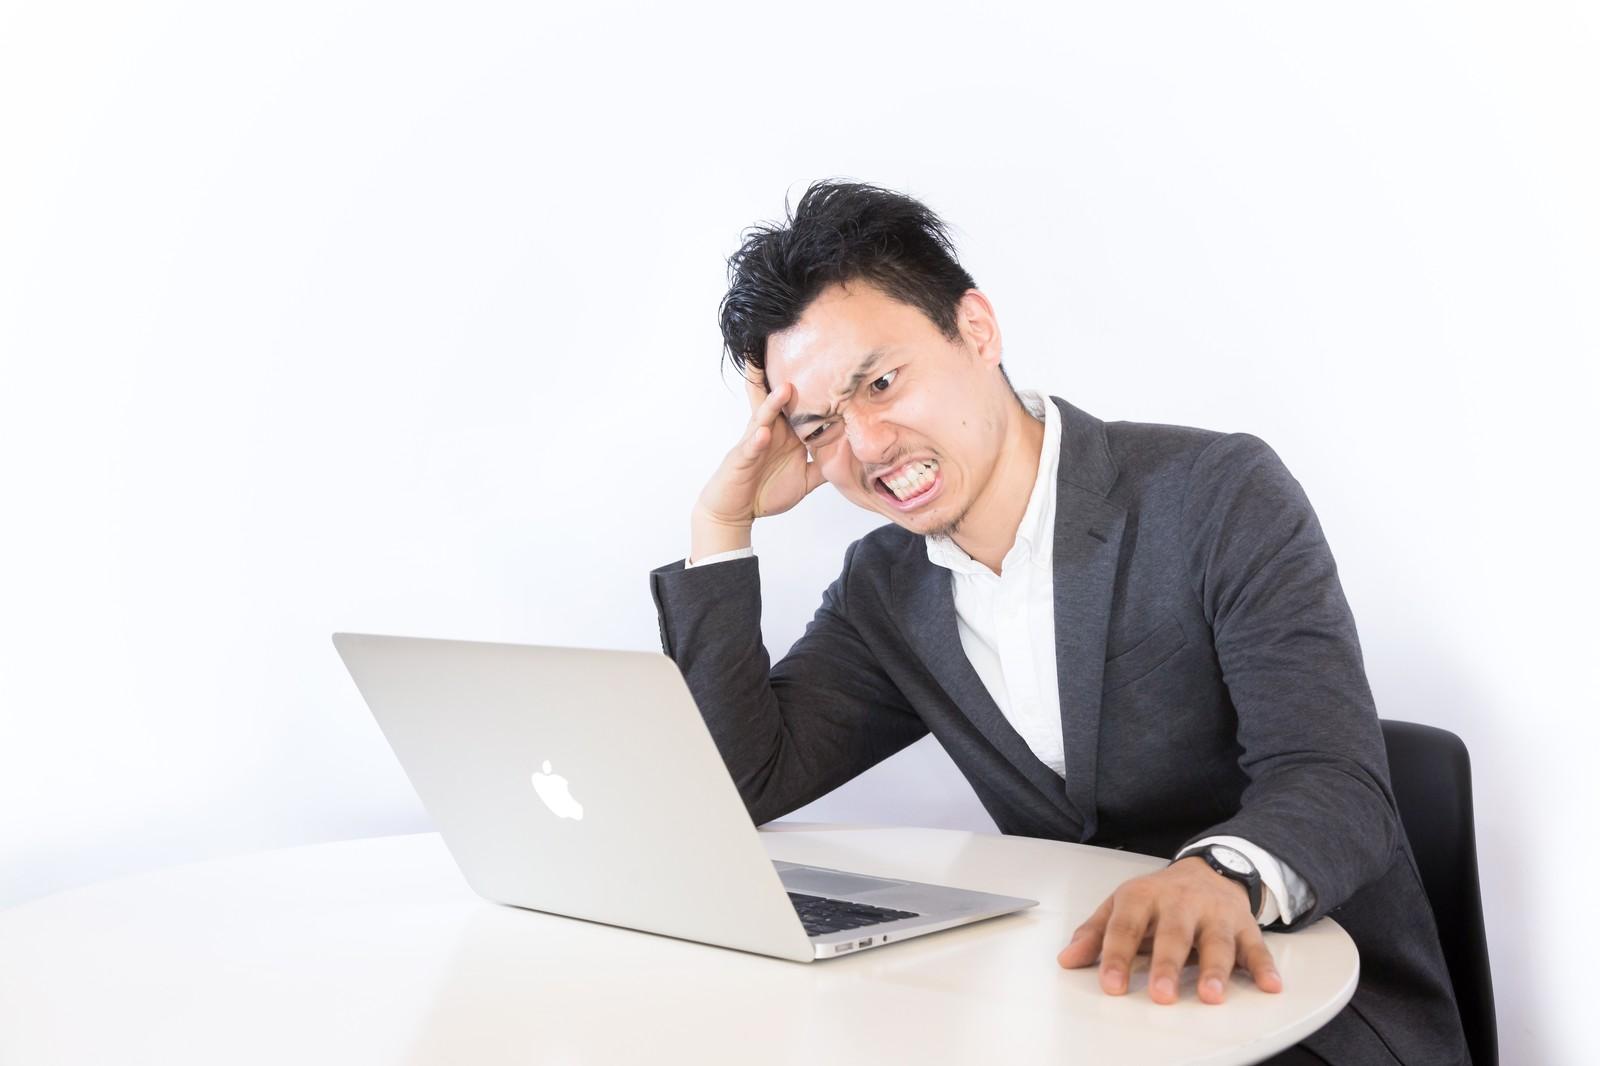 中国のネット規制強化?